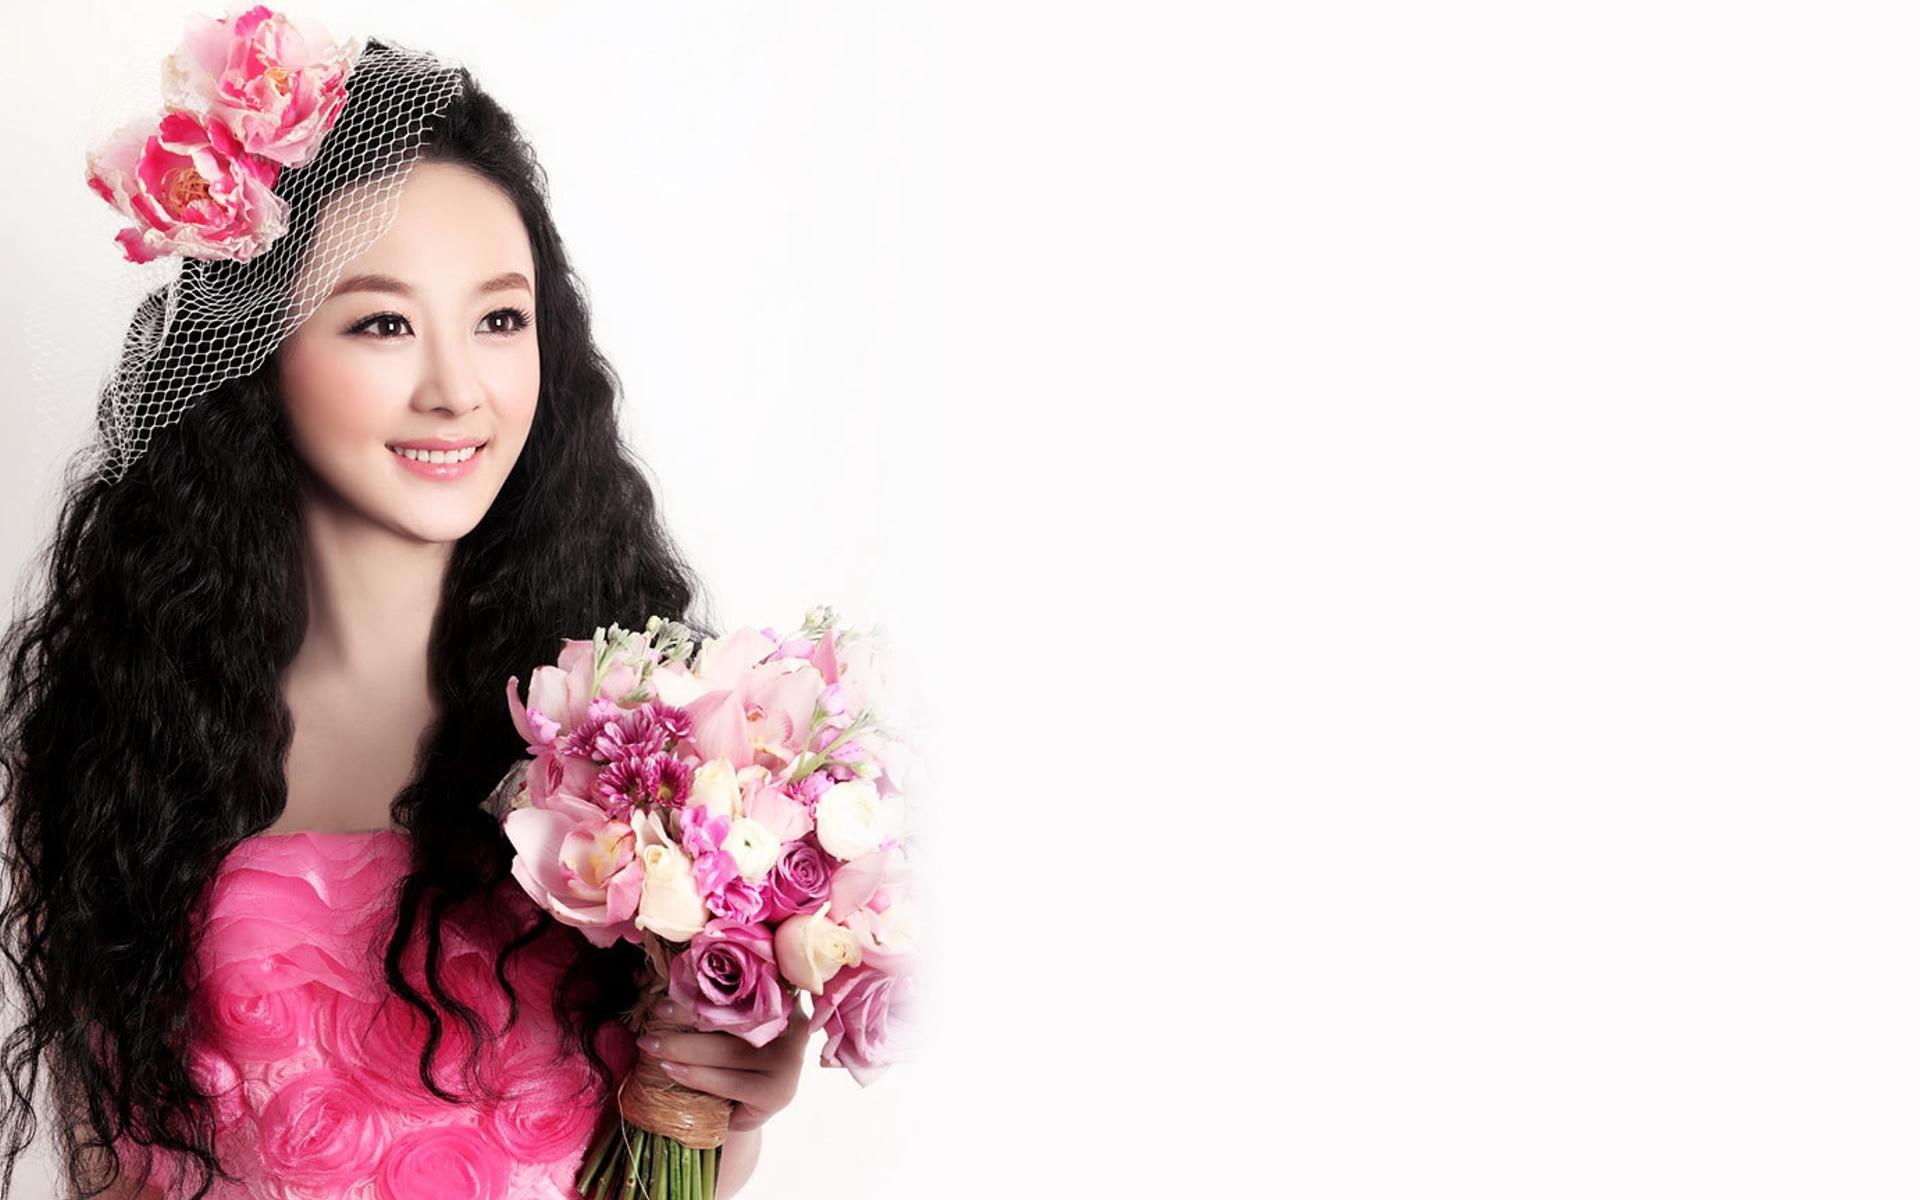 中国女明星 赵丽颖 桌面壁纸 壁纸大卡 壁纸桌 -赵丽颖 壁纸